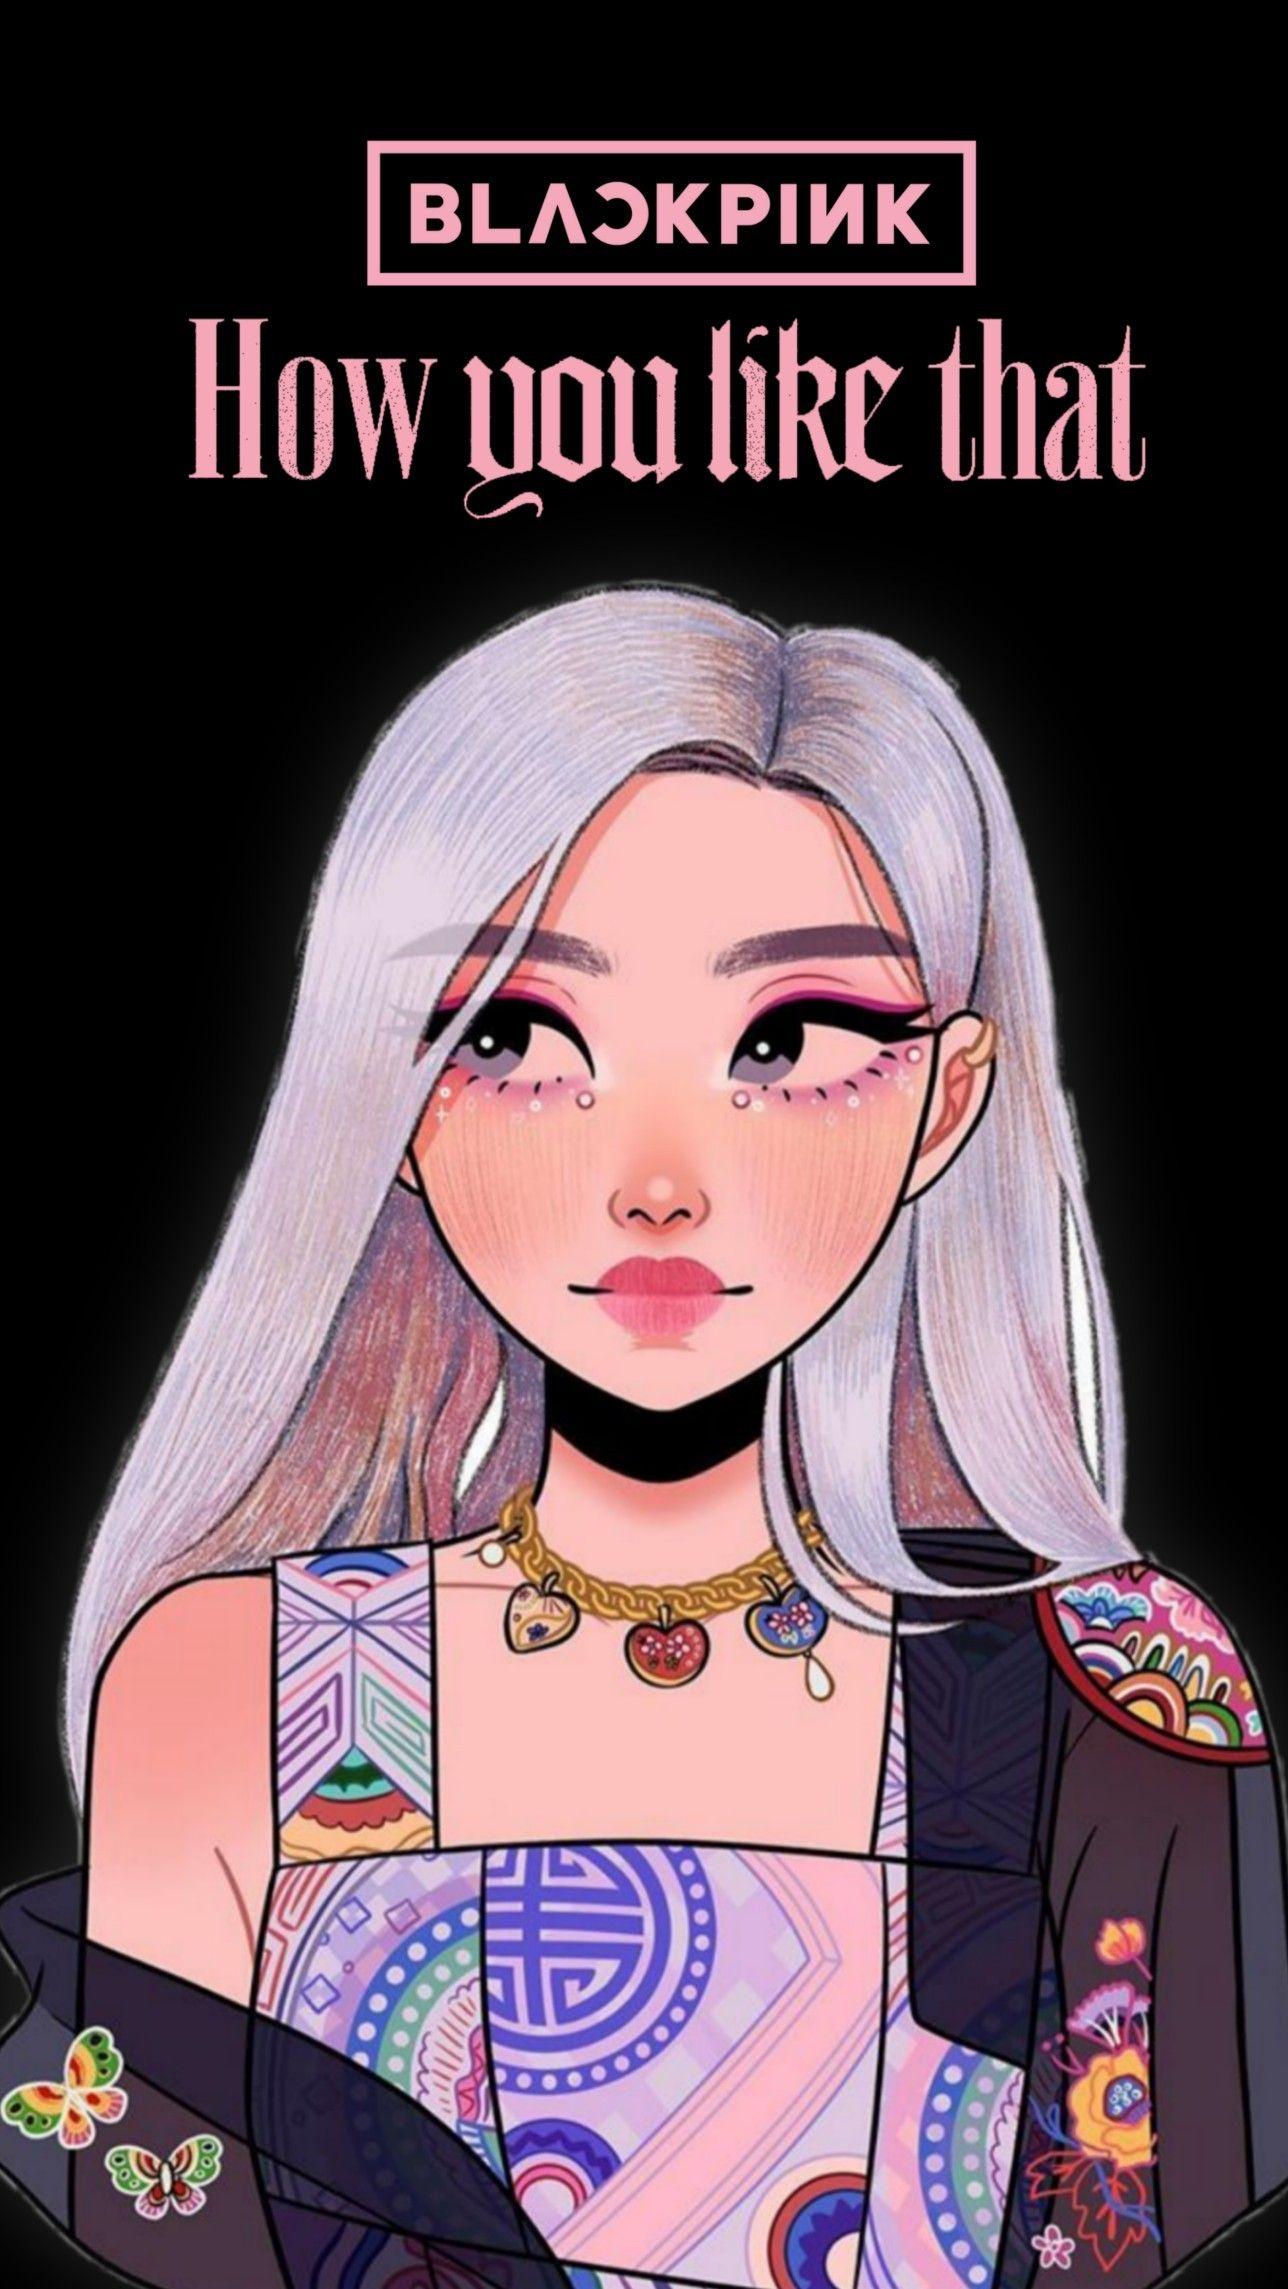 Blackpink Rose In 2020 Blackpink Rose Digital Art Girl Rose Art